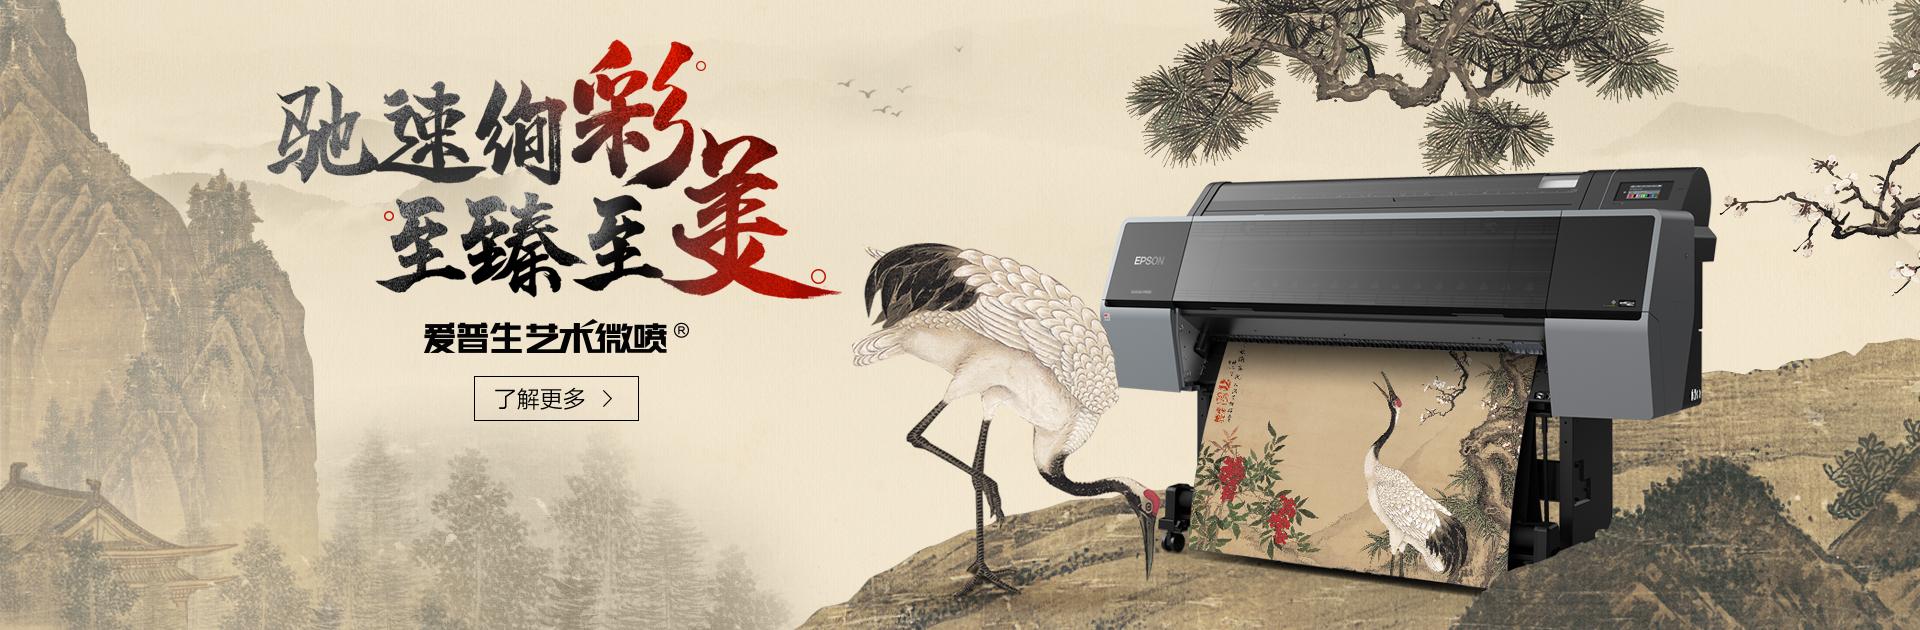 馳速(su)絢彩(cai) 至(zhi)臻至(zhi)美